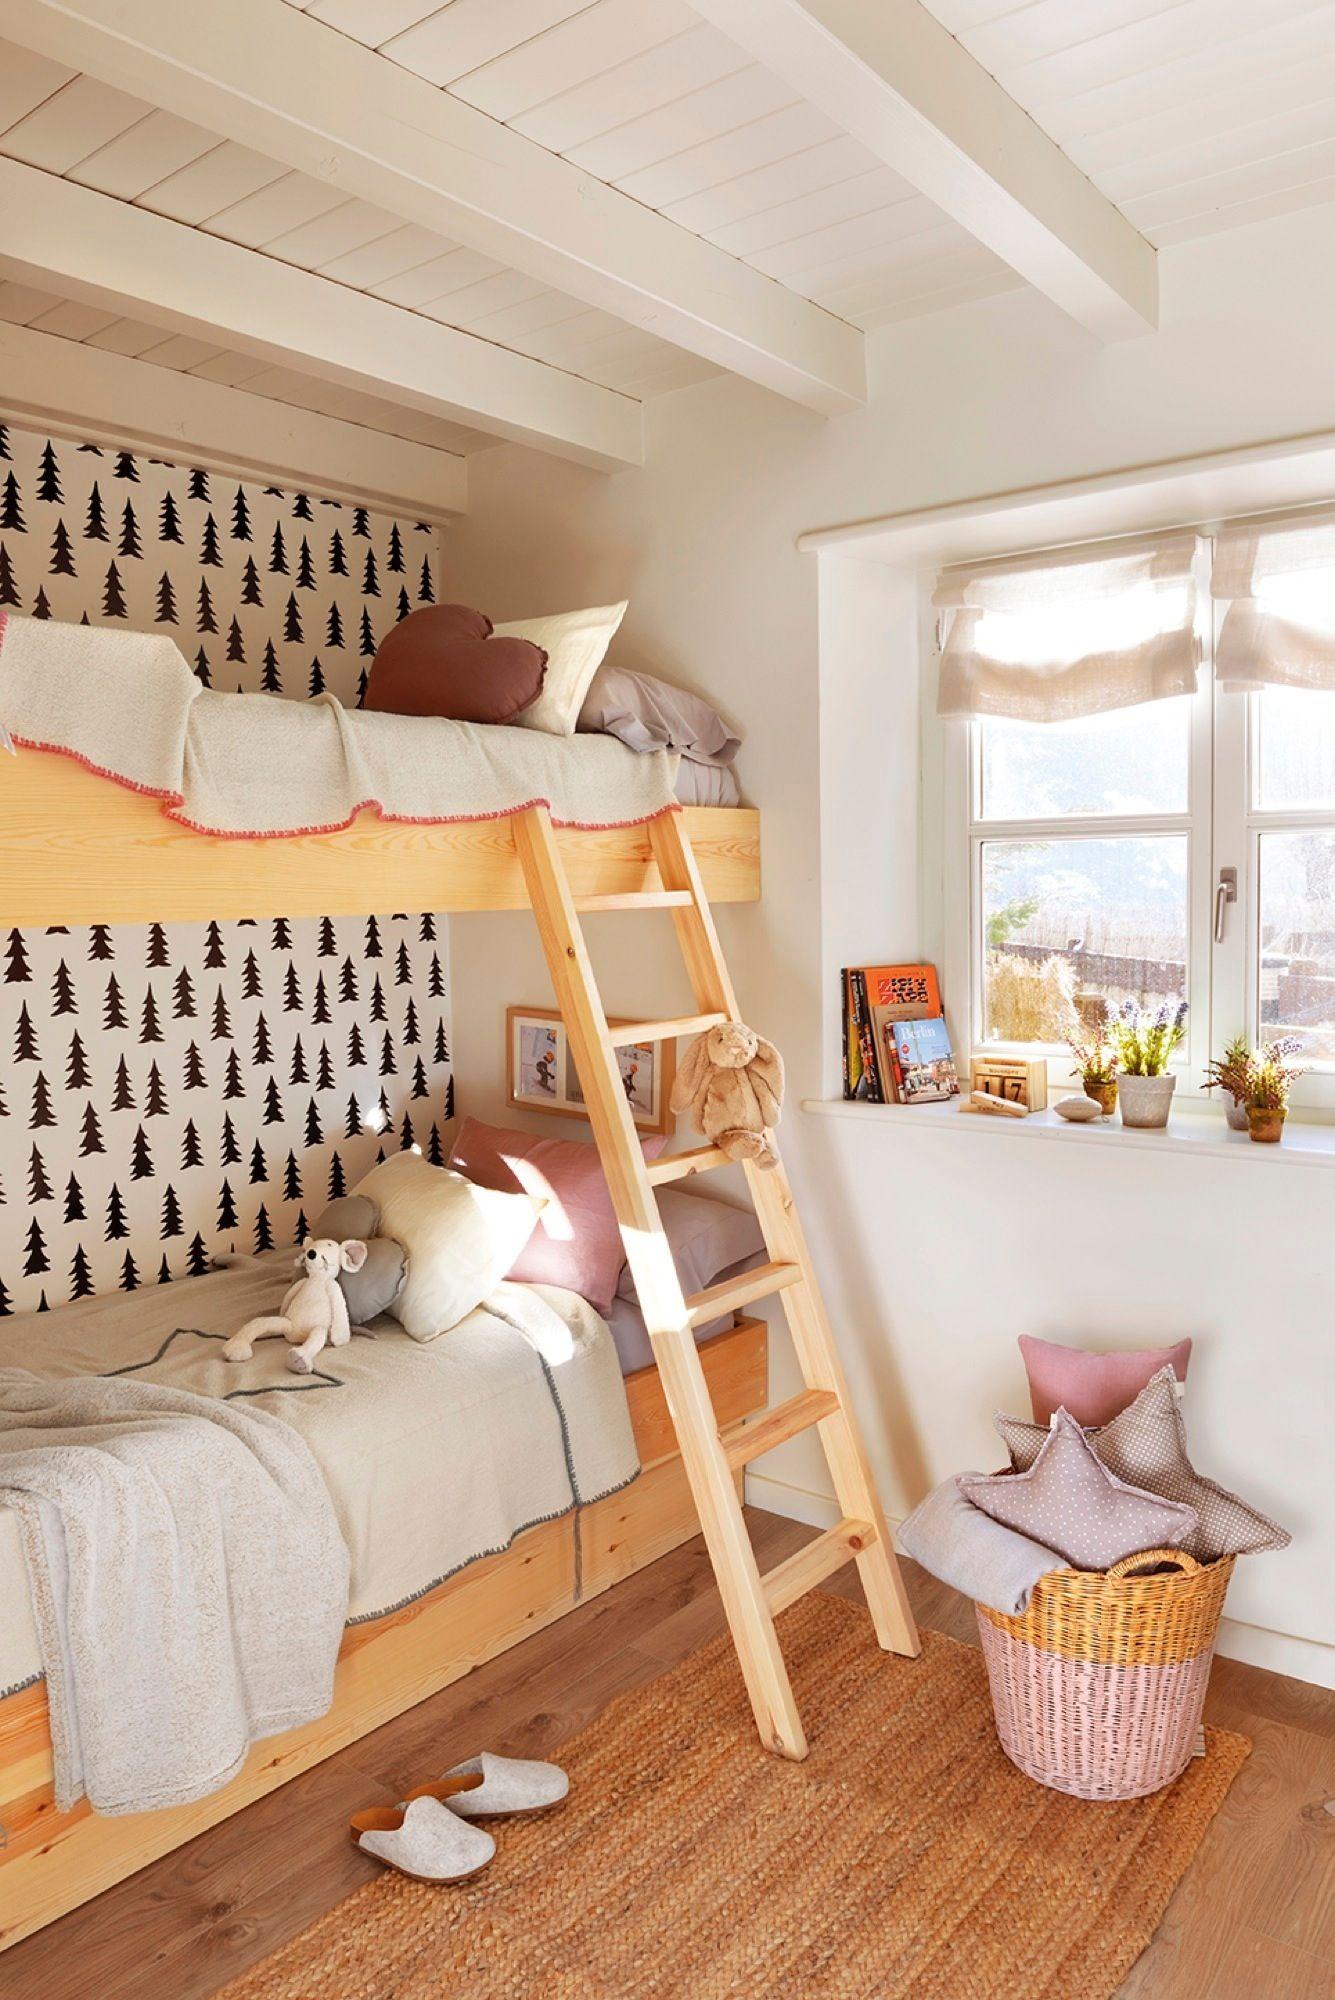 Dormitorio infantil decorado con papel pintado El Mueble 2